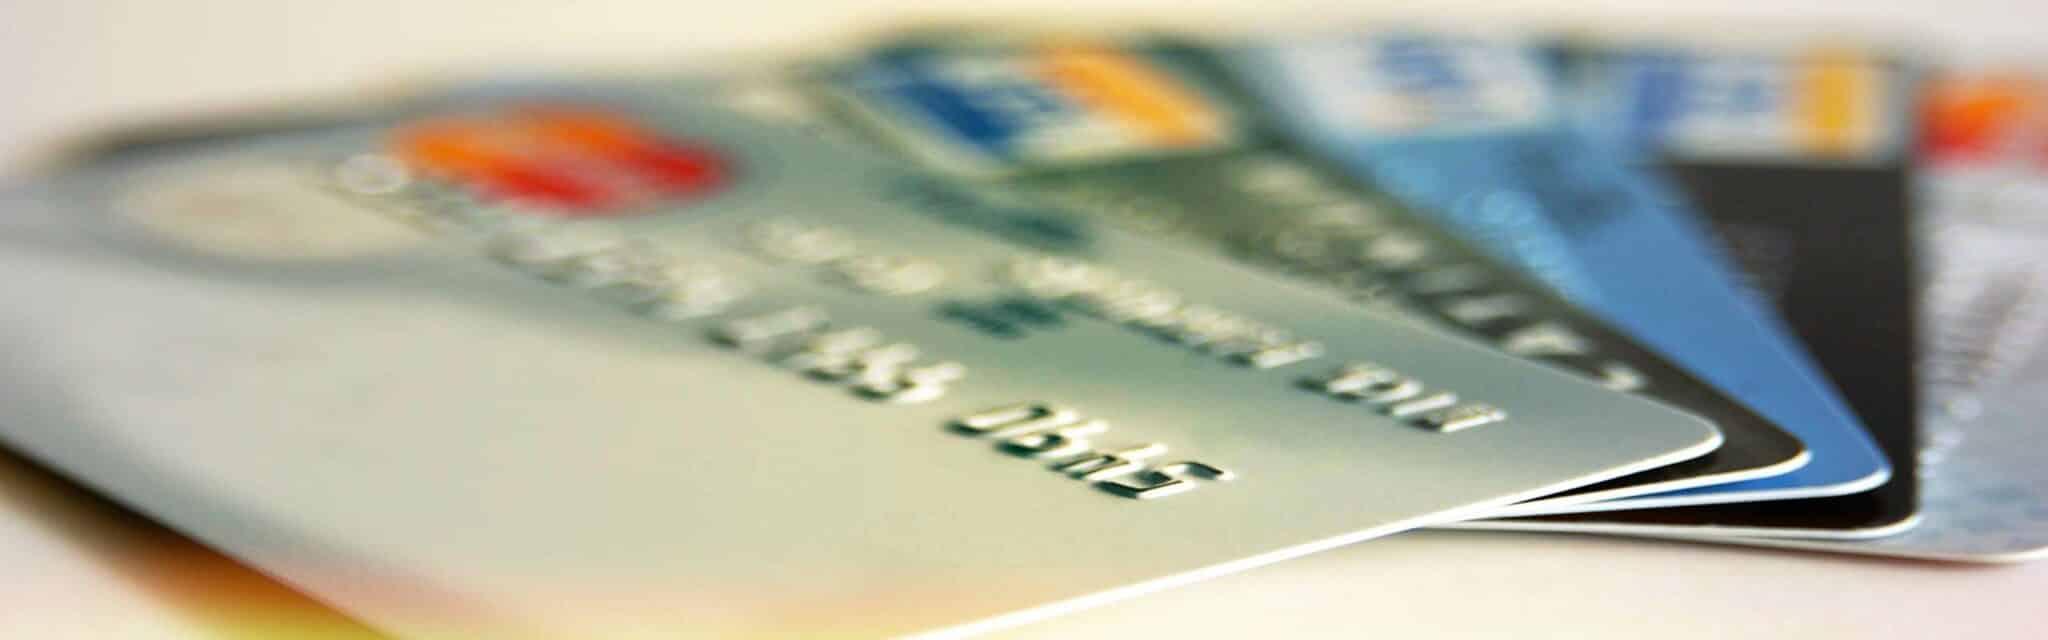 carte bancaire avec ou sans relief